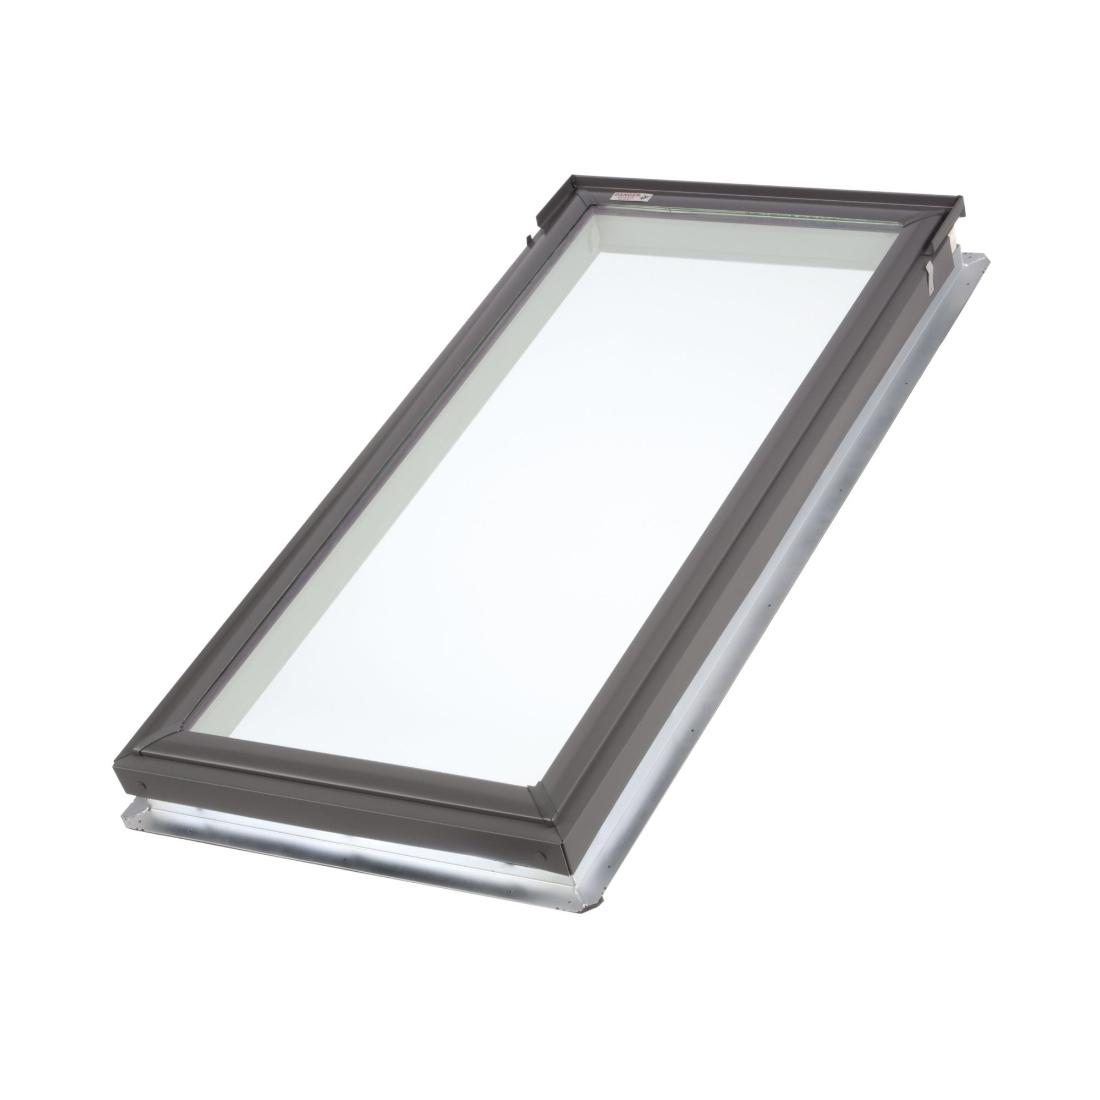 Fixed Skylight 550 x 1400mm